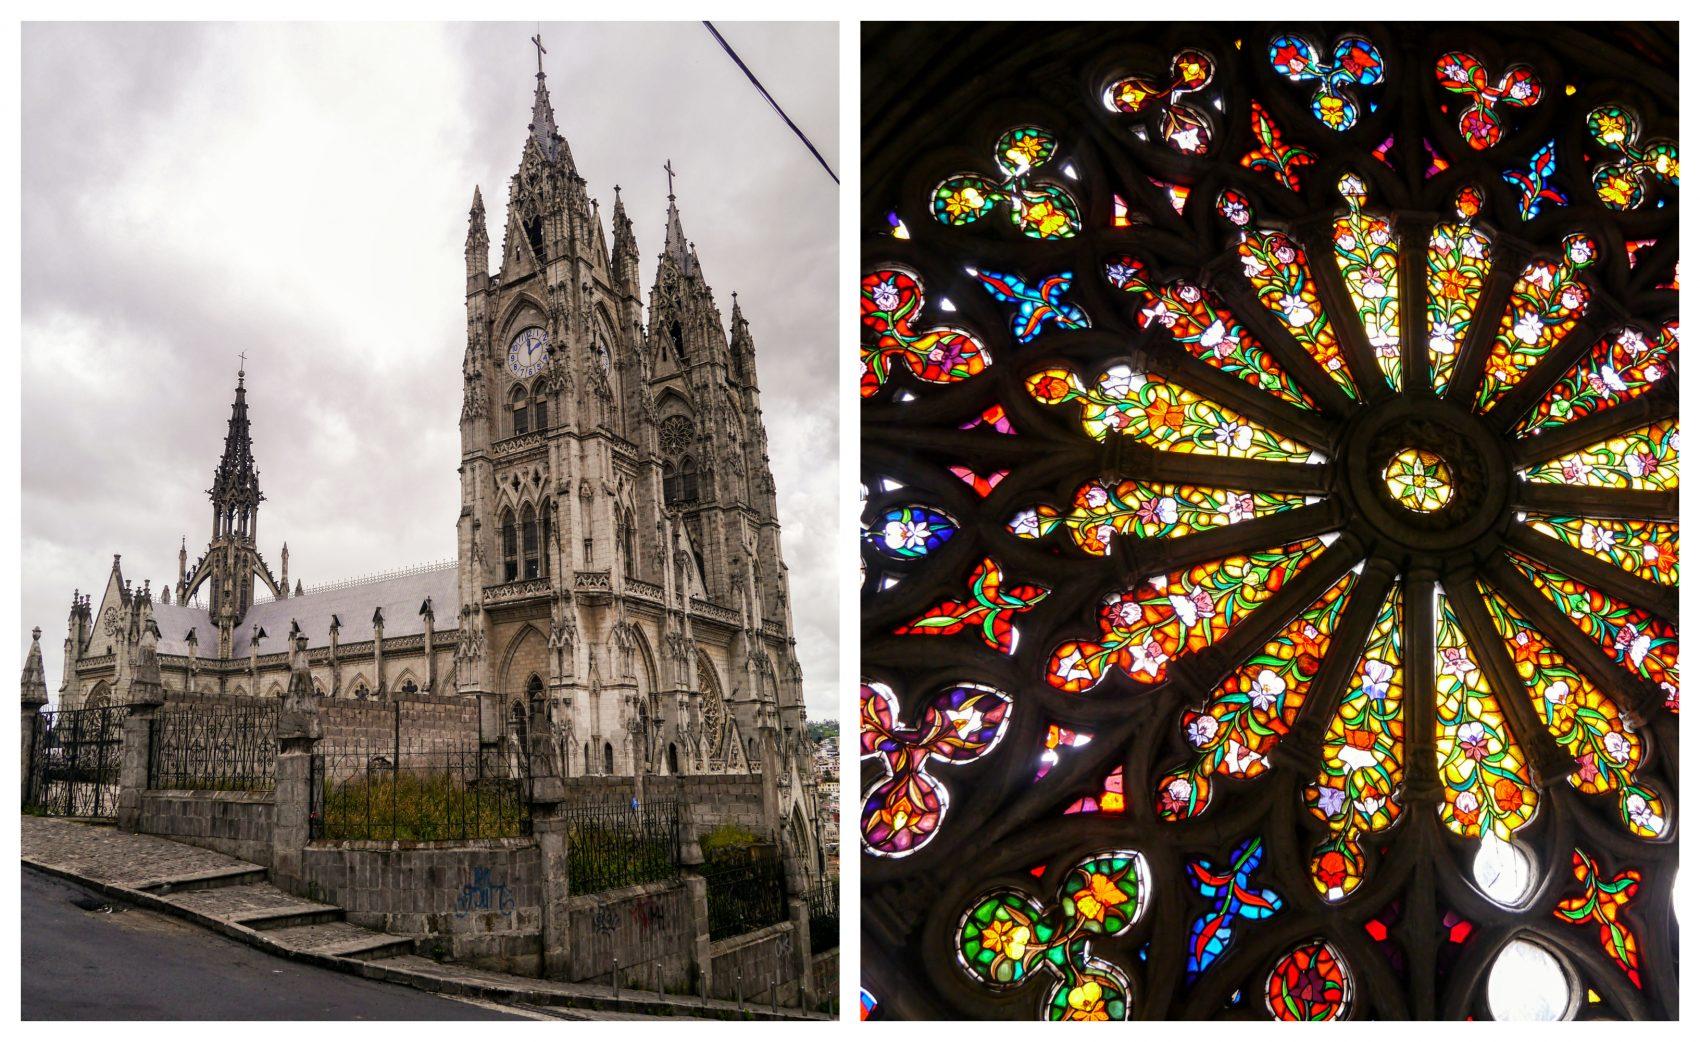 Quito. Basílica del Voto Nacional